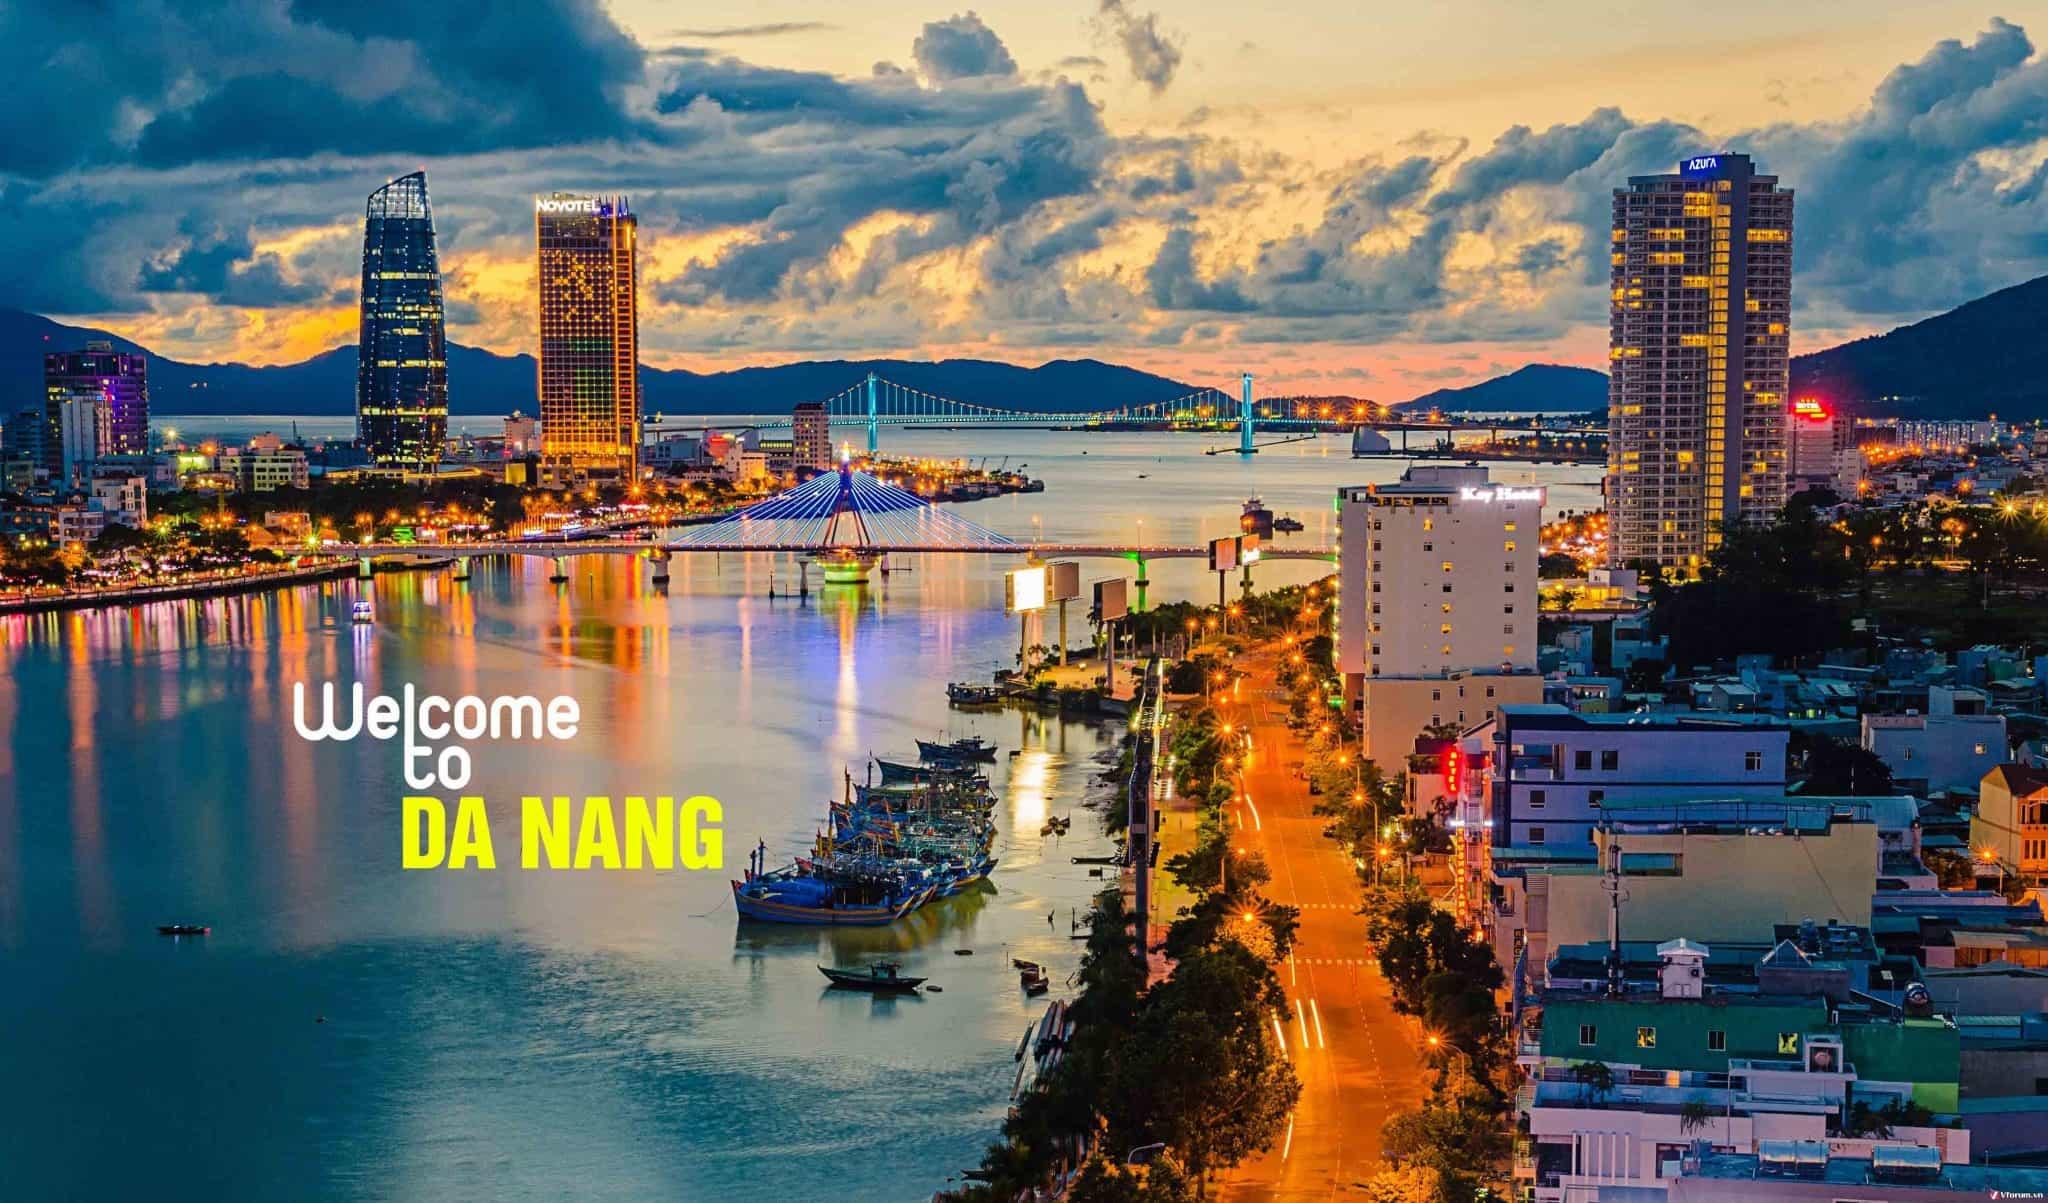 ship-hang-tu-my-viet-nam-tai-da-nang Ship Hàng Mỹ Về Đà Nẵng Giá Rẻ, Chuyên Nghiệp, Uy Tín